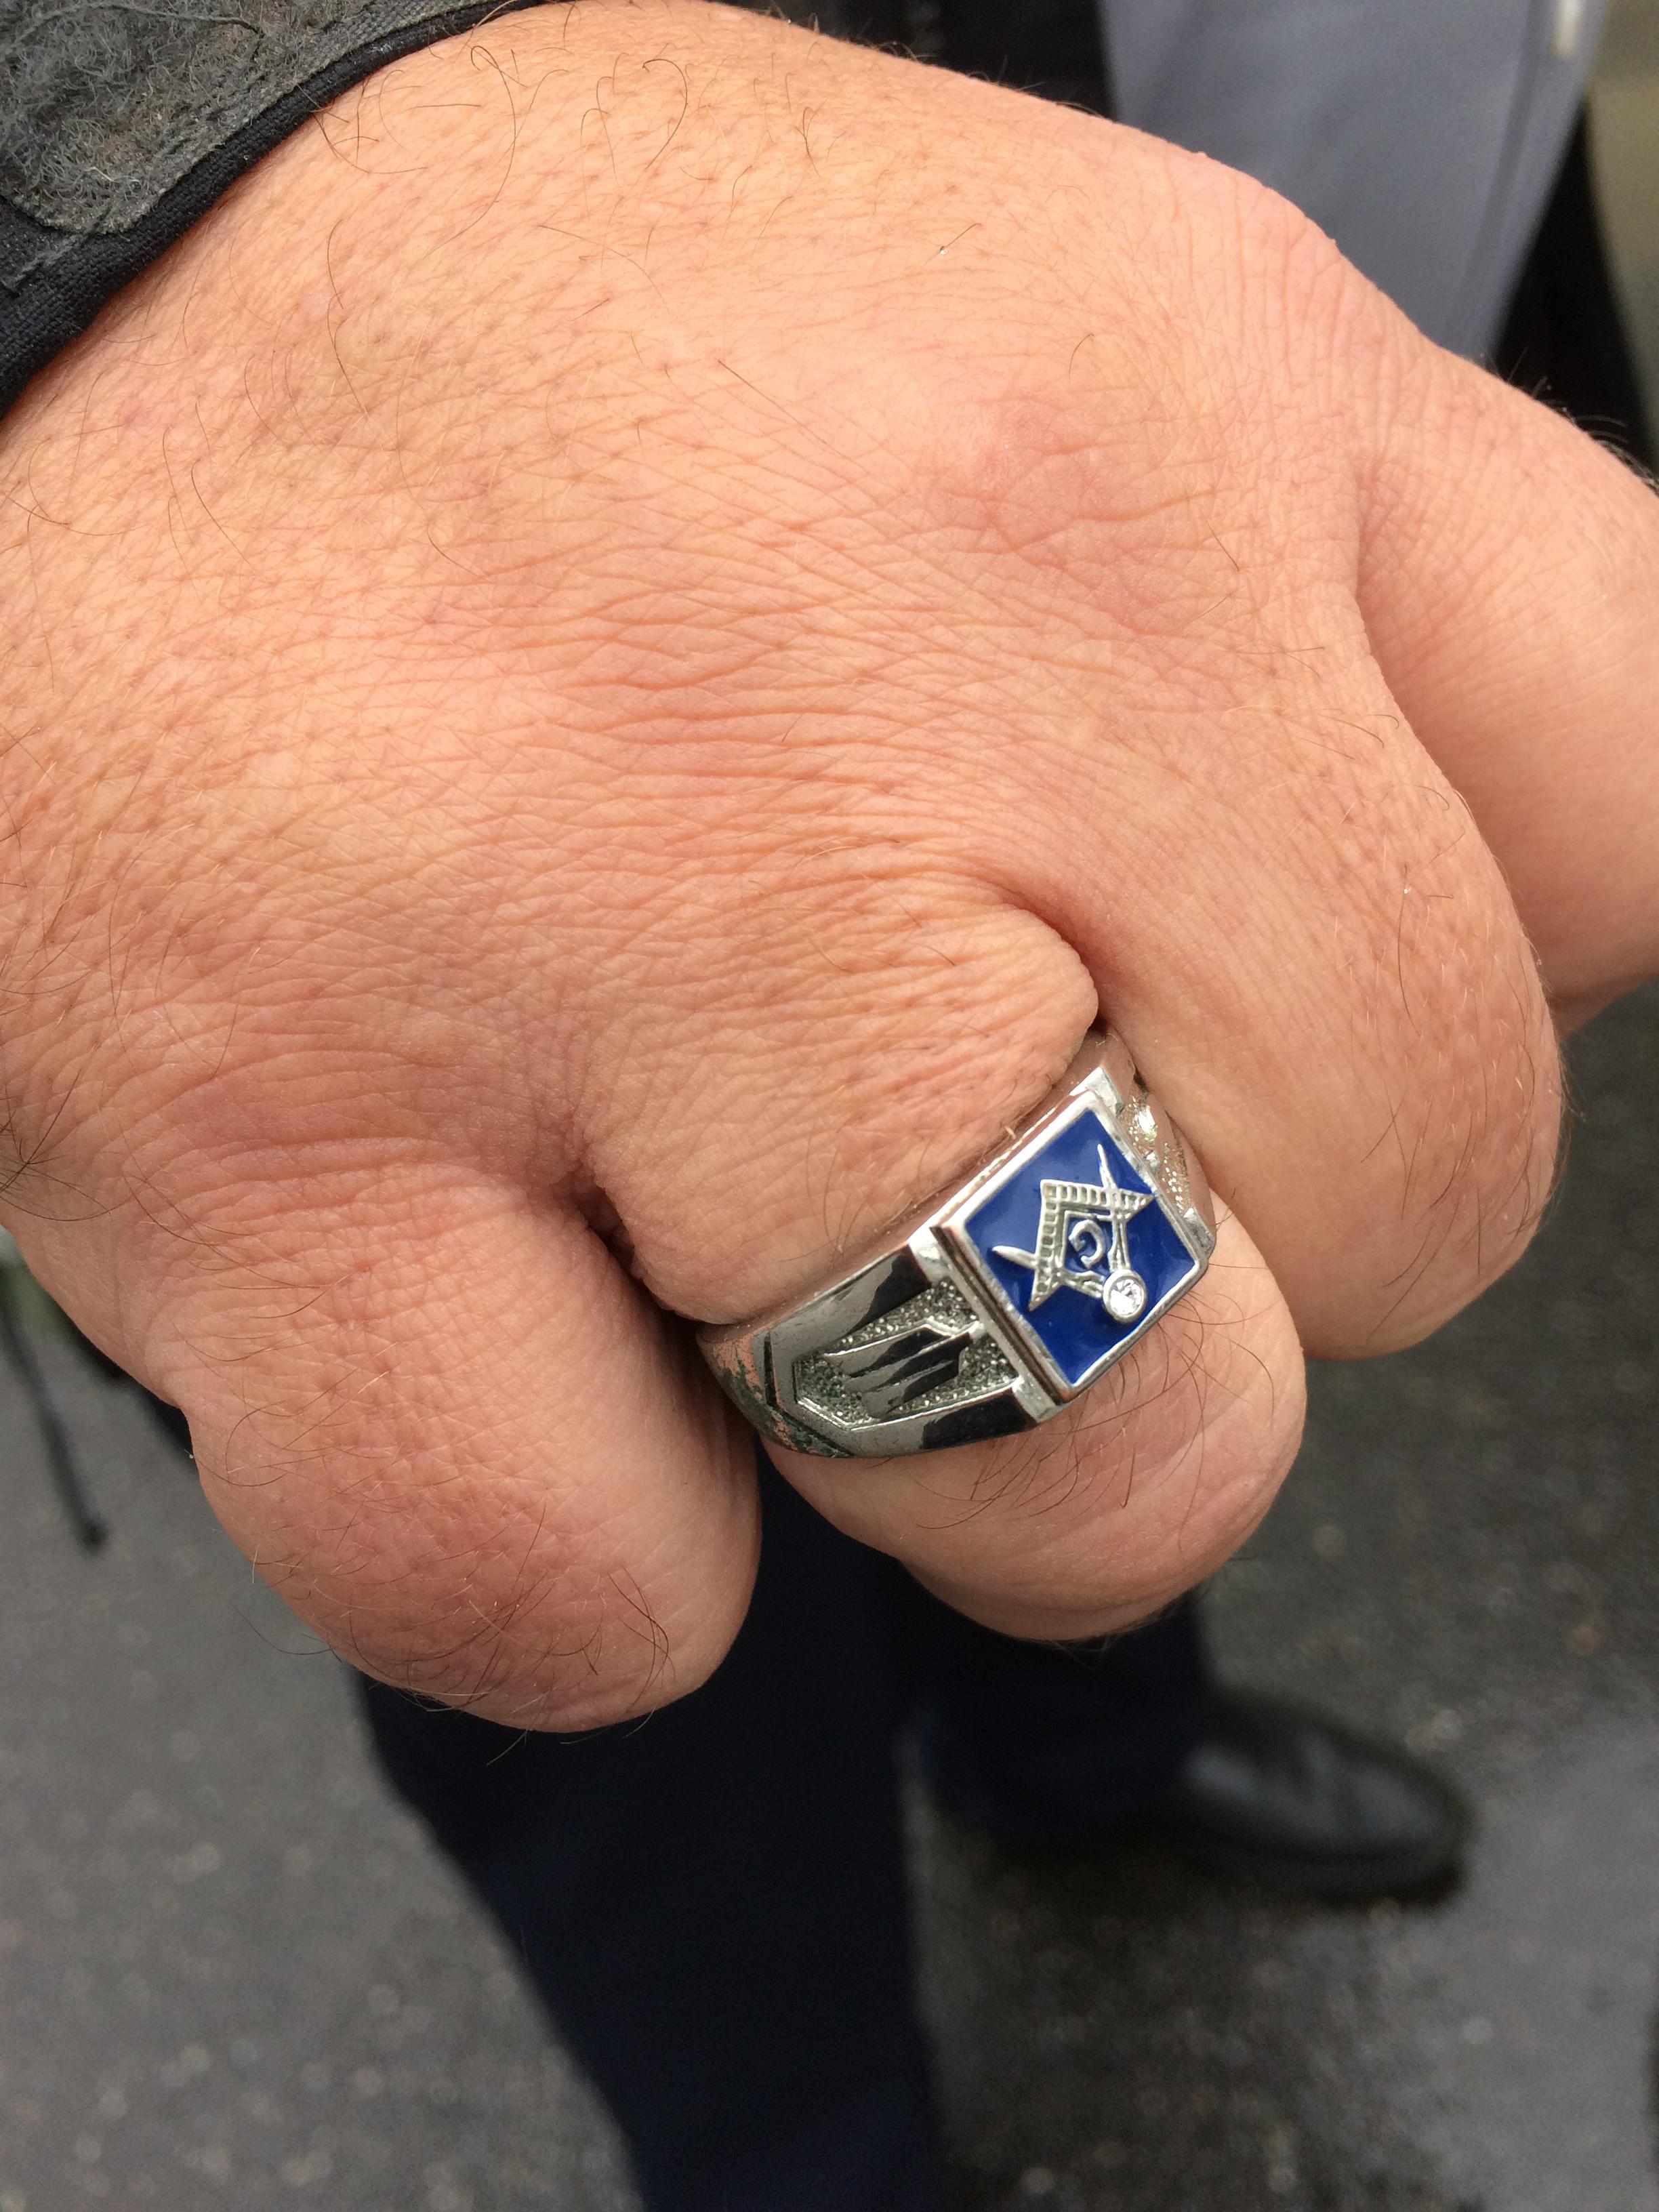 Warren's ring